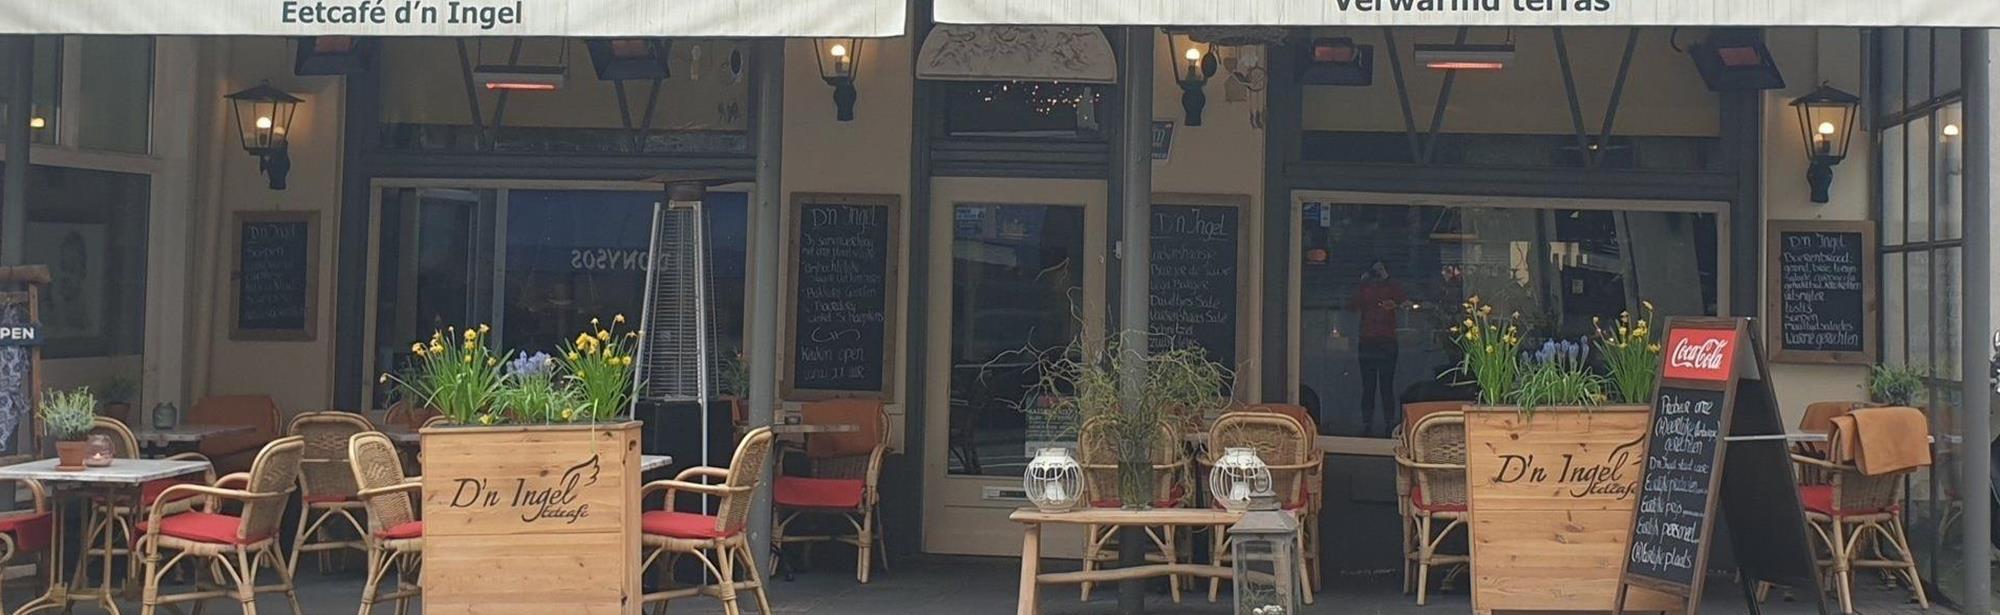 Eetcafé D'n Ingel